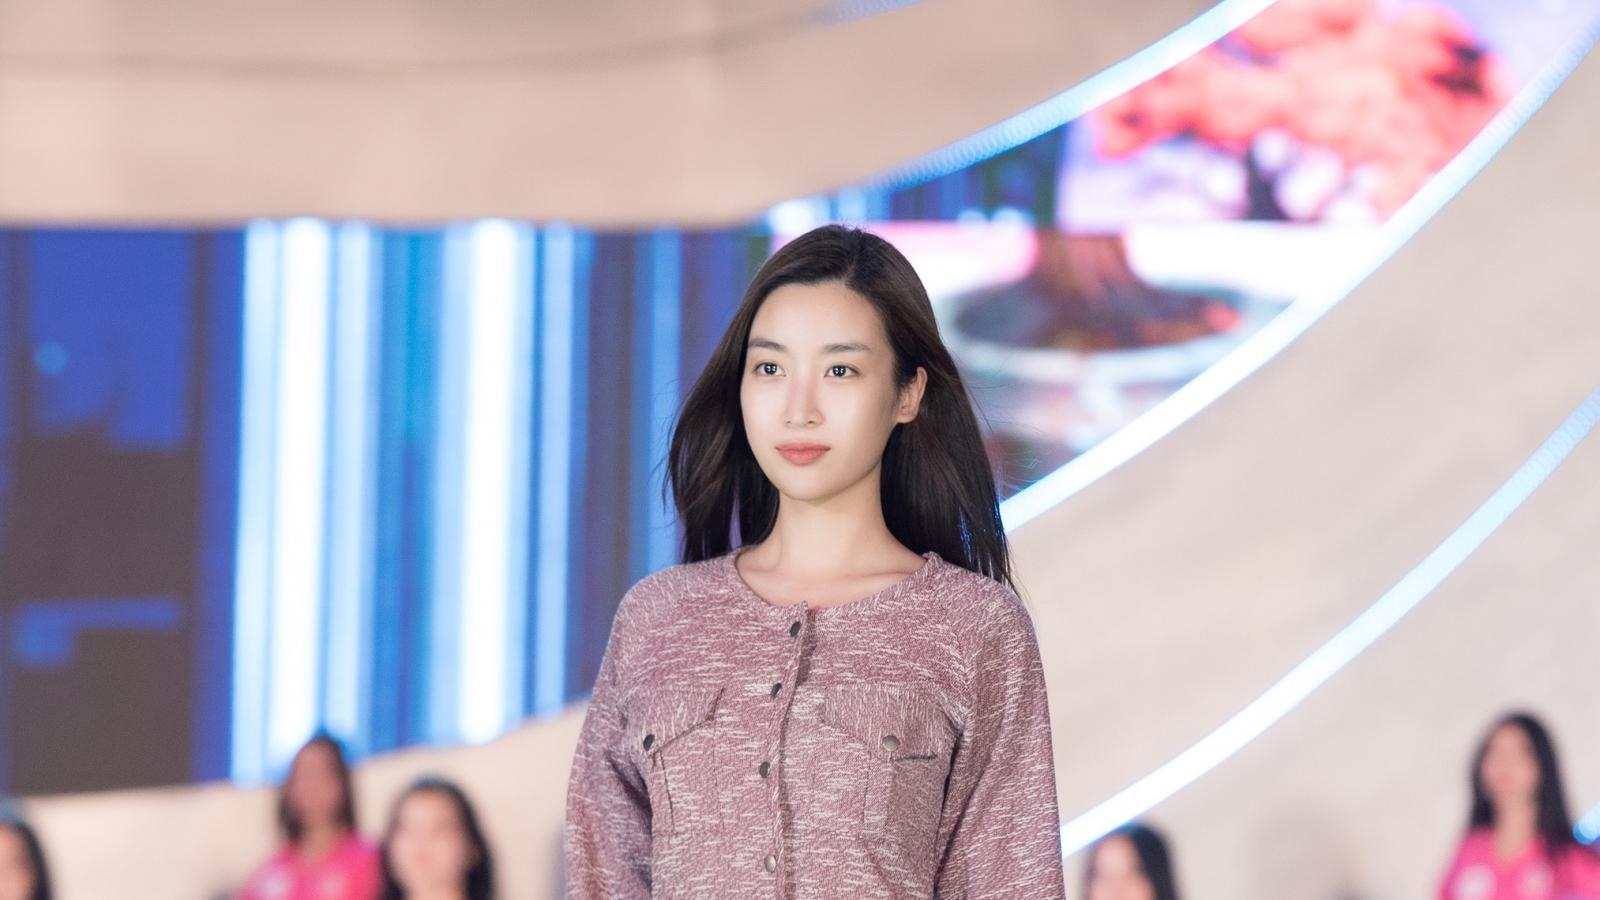 Hoa hậu Mỹ Linh, Tiểu Vy để mặt mộc tổng duyệt người đẹp thời trang